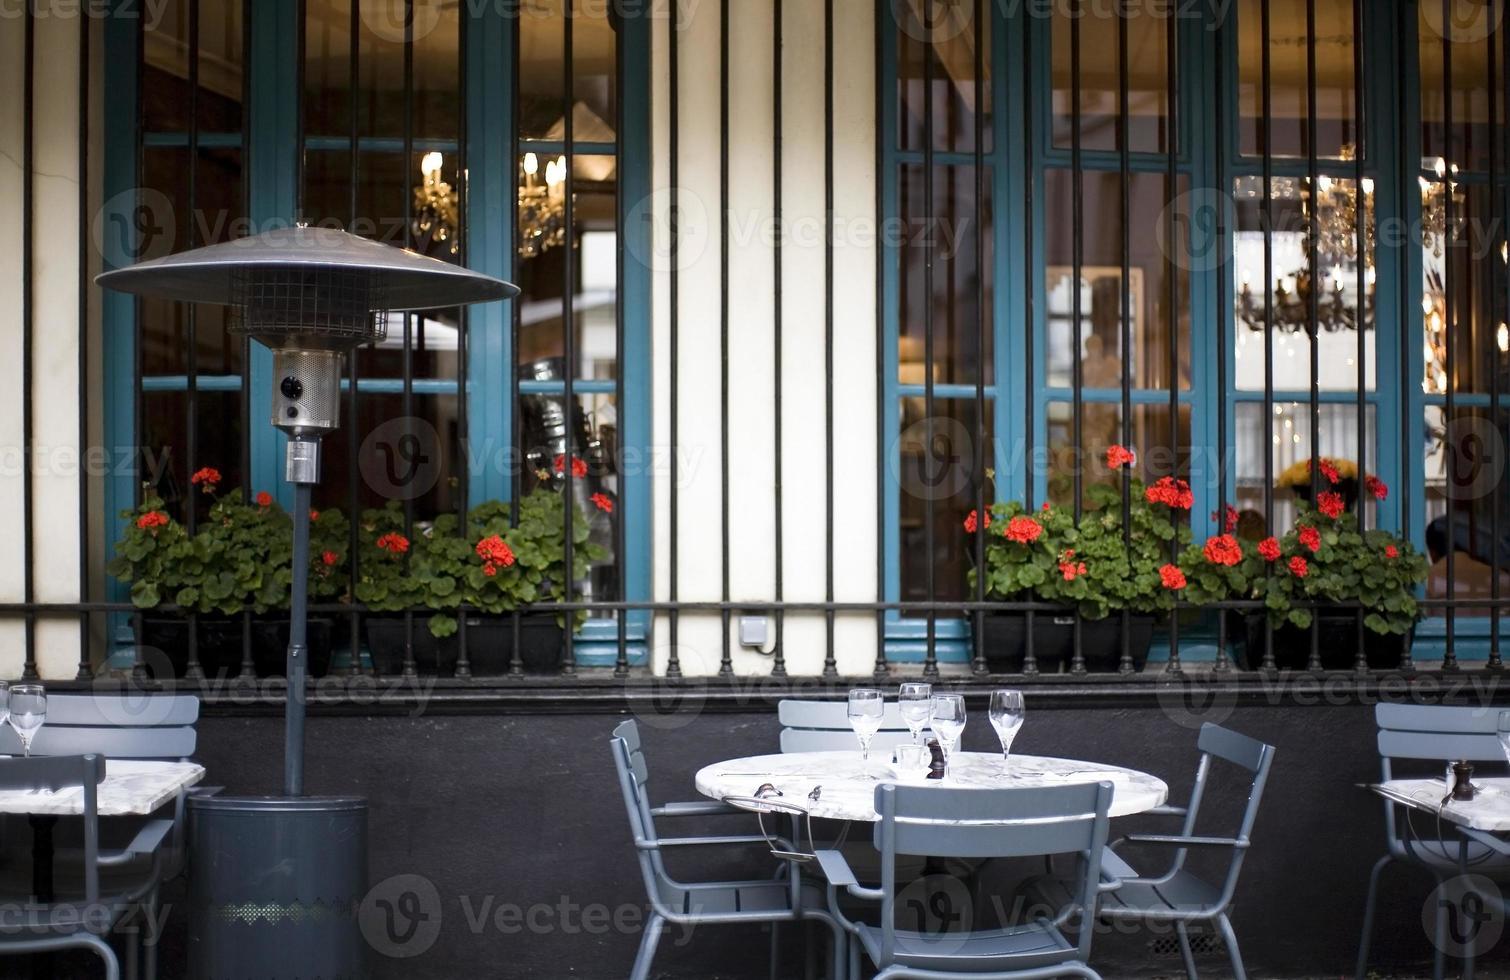 café trottoir à paris photo